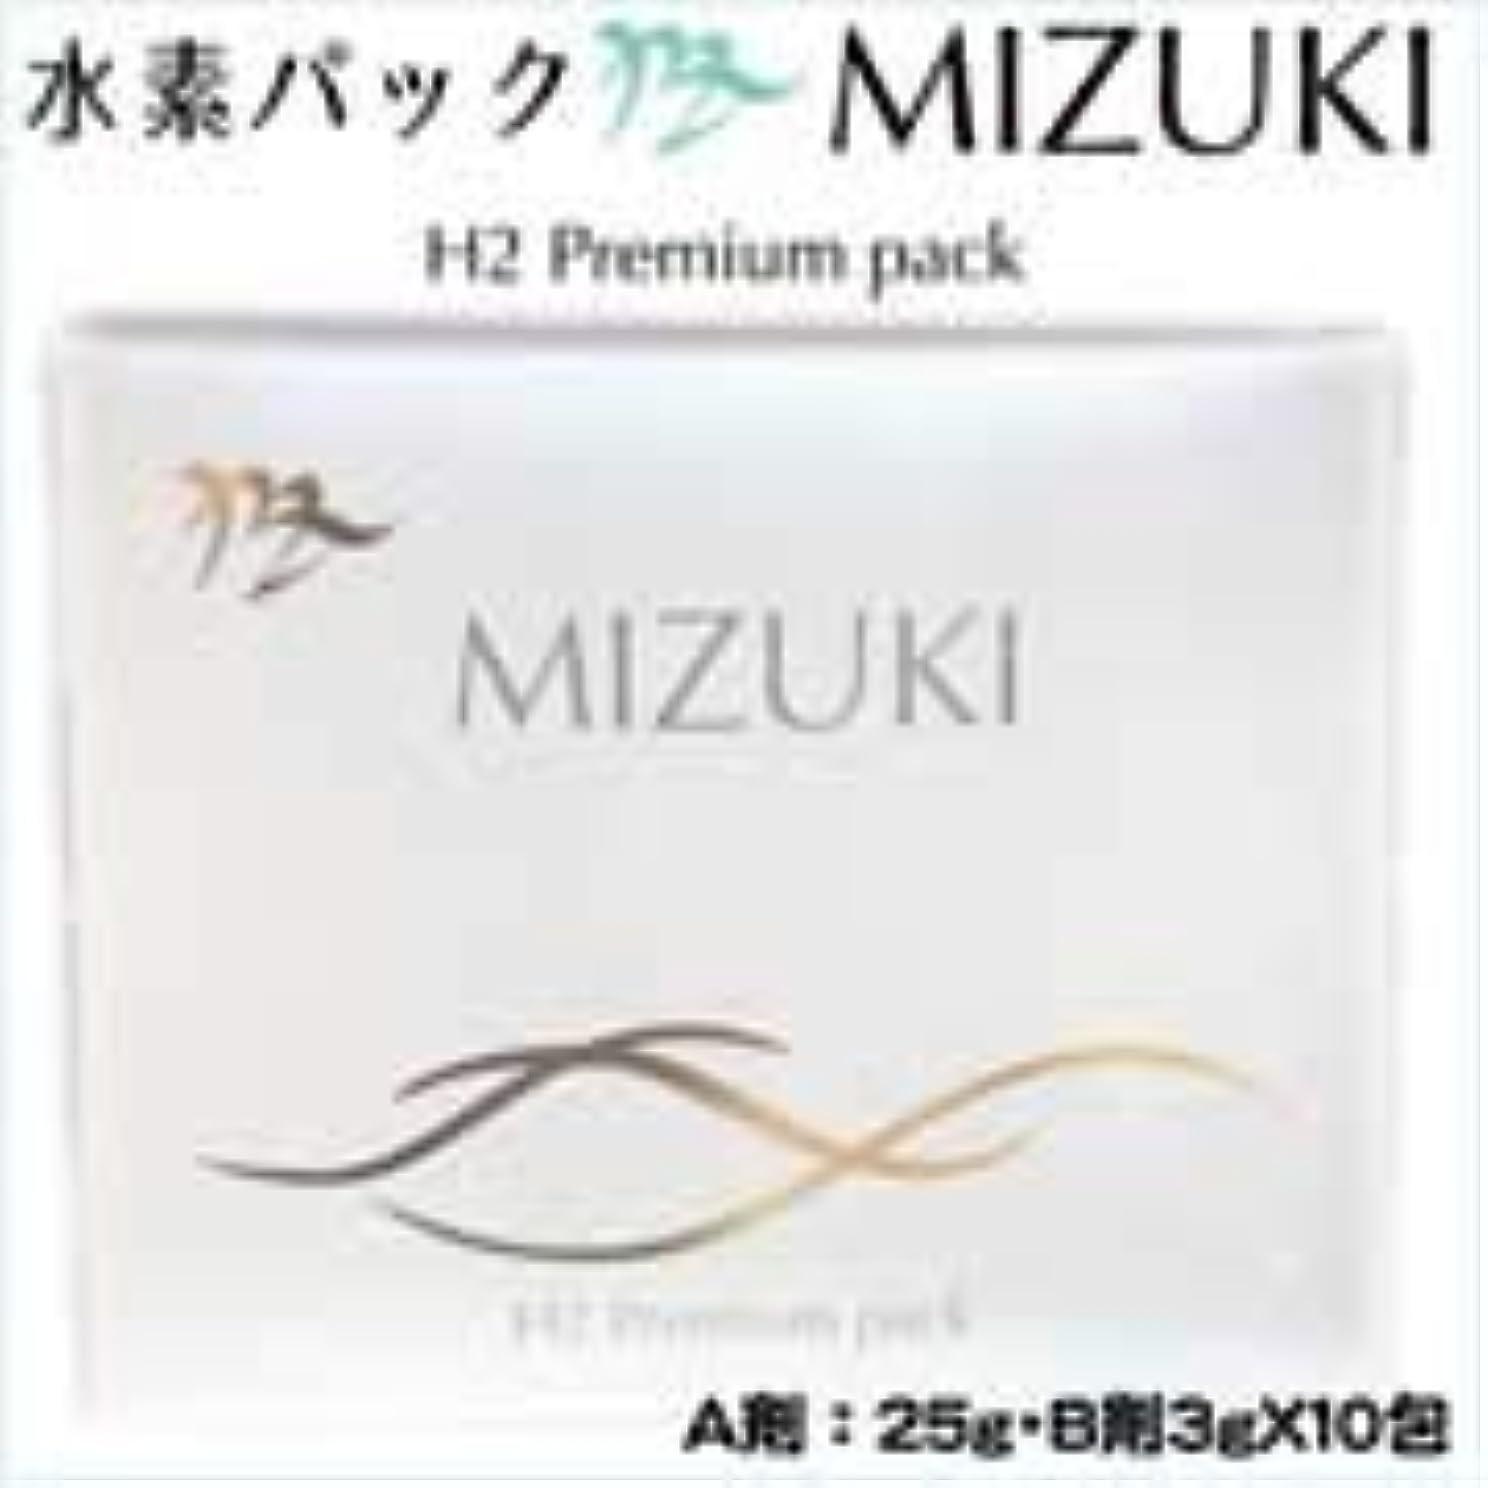 値下げ卵喉が渇いたMIZUKI H2 Premium pack ミズキ プレミアムパック A剤:25g、B剤:3gX10包 スパチュラ付き